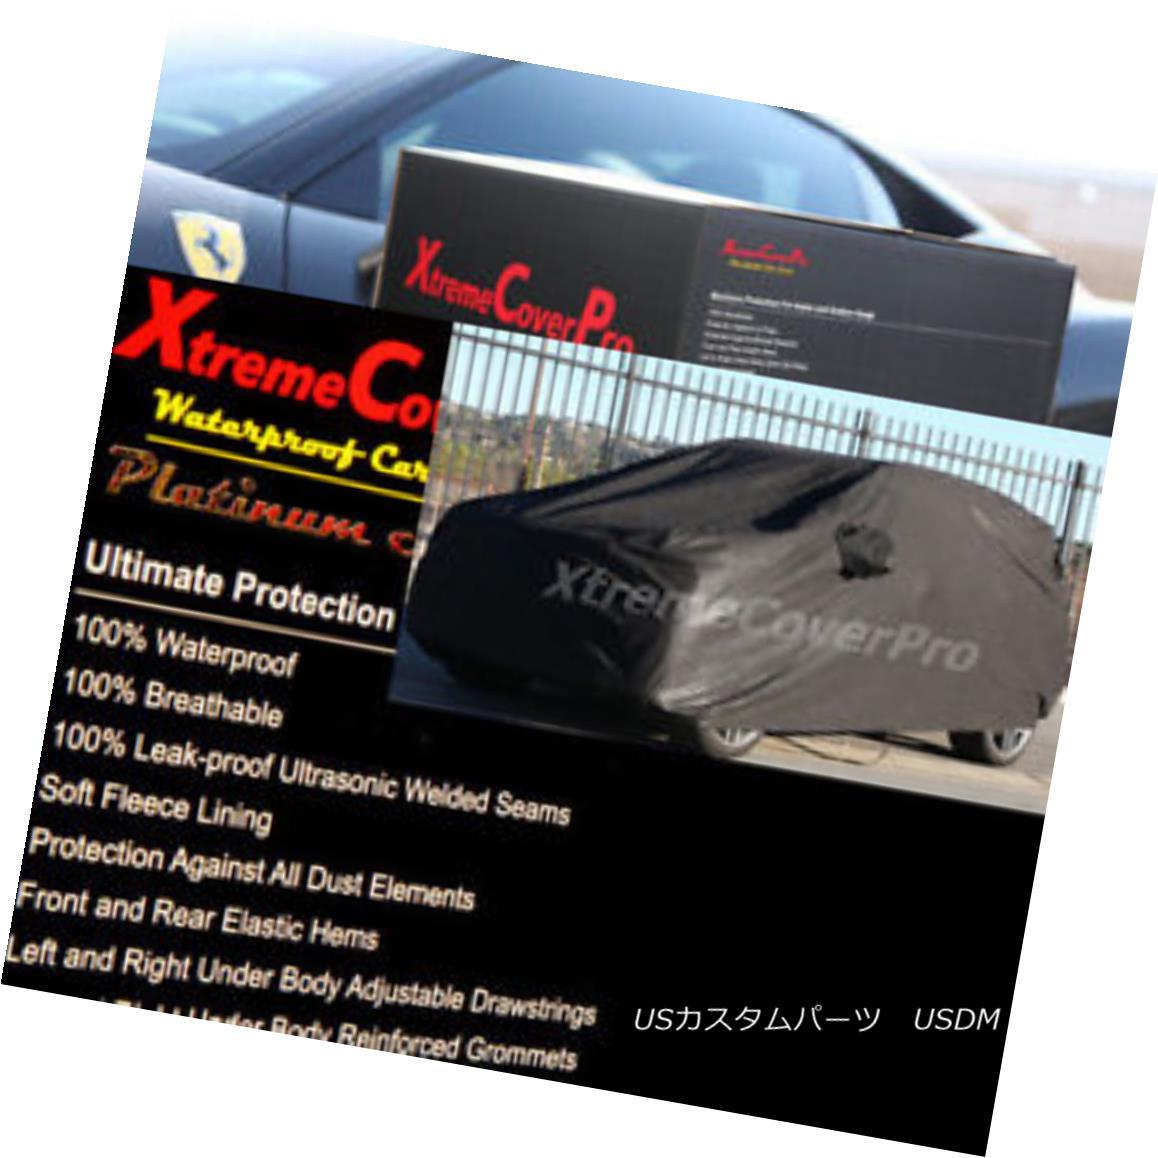 車用品 待望 バイク用品 >> アクセサリー ボディカバー カーカバー 2014 SUBARU XV ミラーポケット付 w 2014スバルXVクロスポスト防水カーカバー Crosstrek Waterproof Pocket Mirror Cover 注目ブランド Car